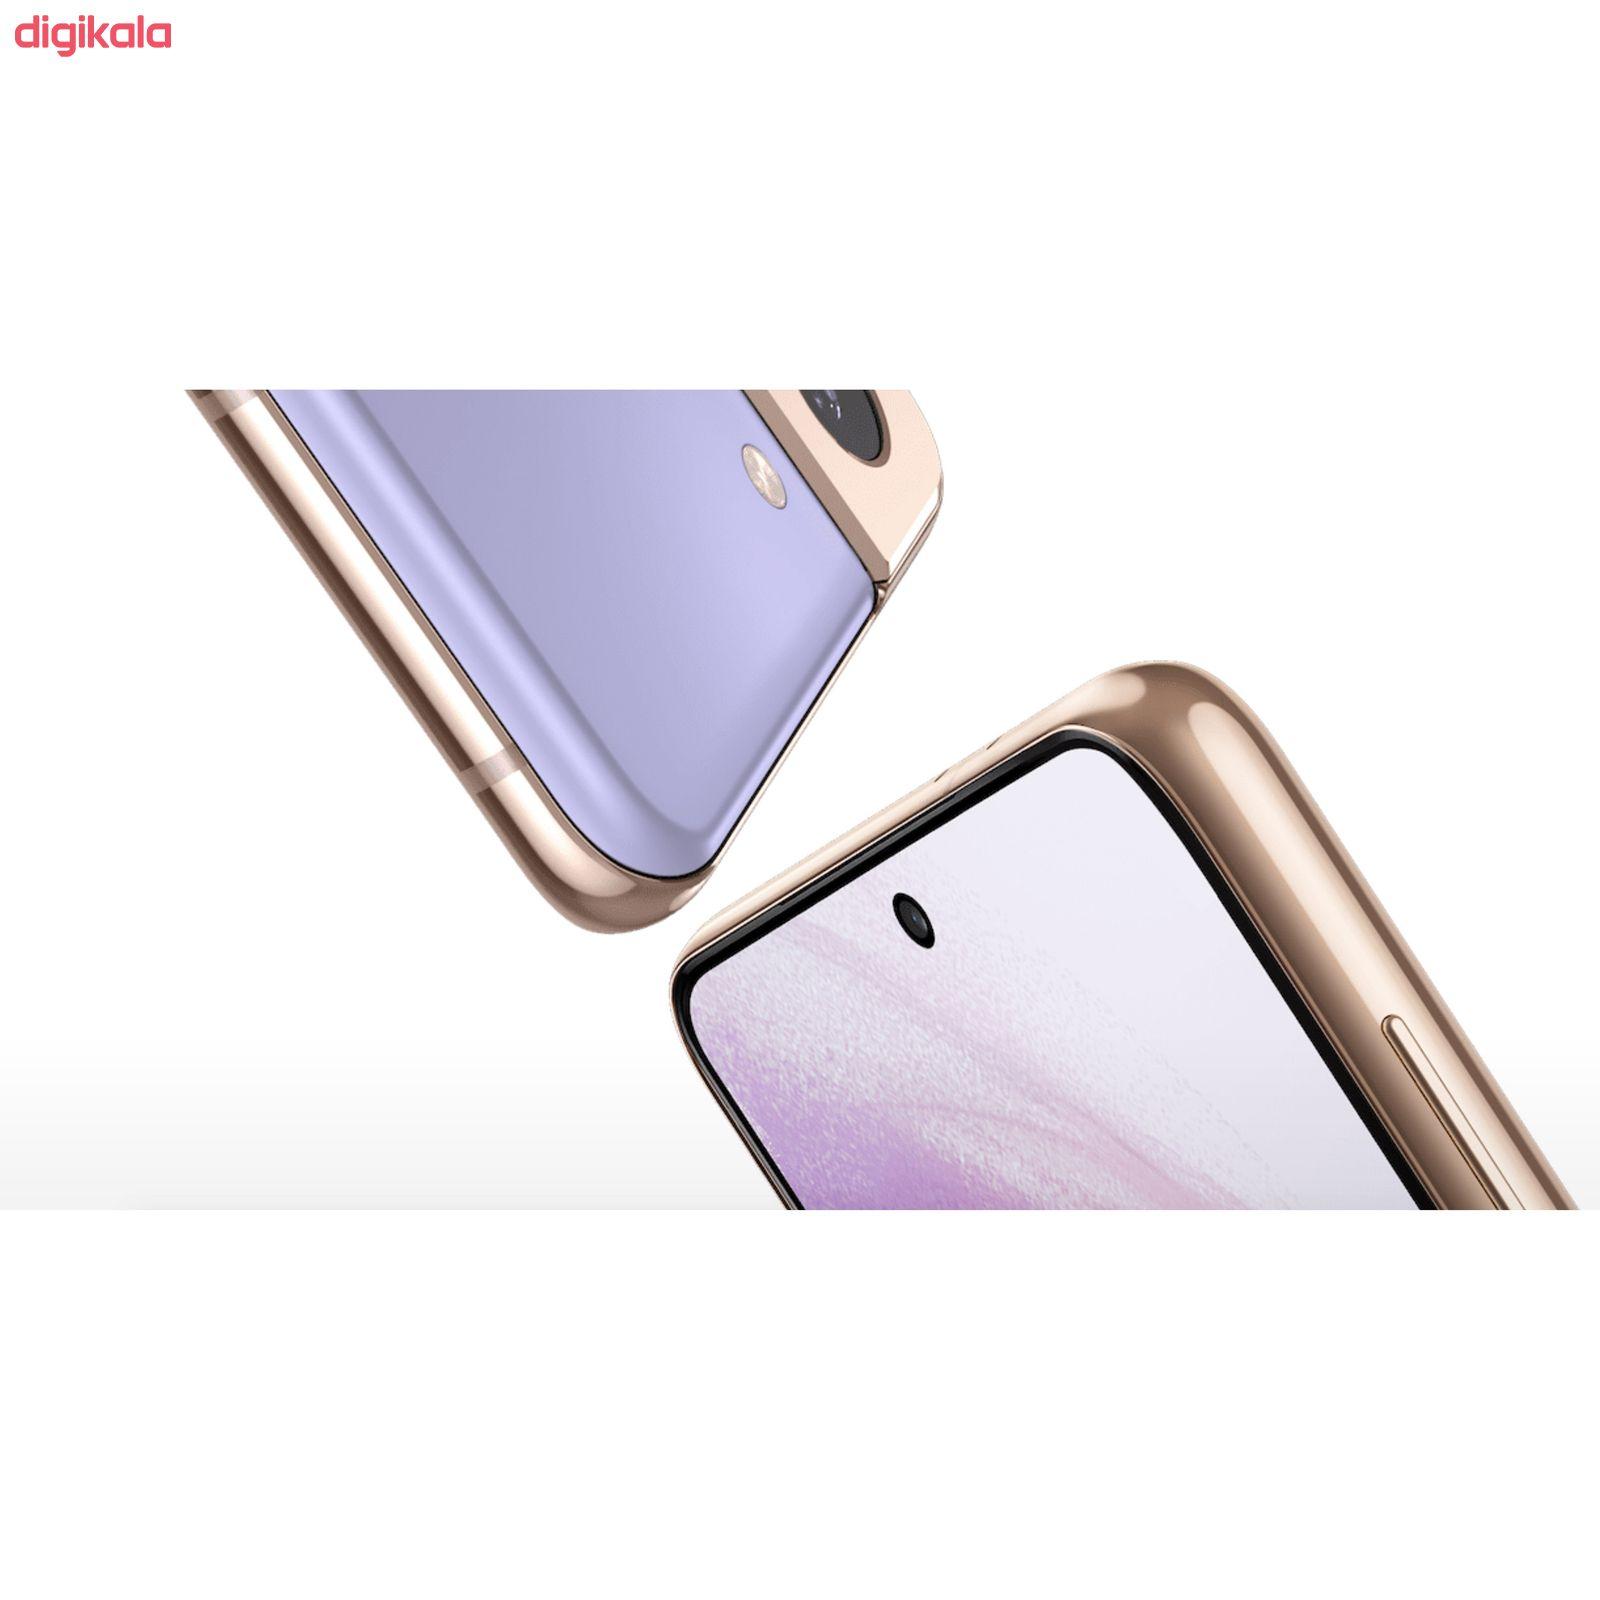 گوشی موبایل سامسونگ مدل Galaxy S21 Plus 5G SM-G996B/DS دو سیم کارت ظرفیت 256 گیگابایت و رم 8 گیگابایت main 1 10